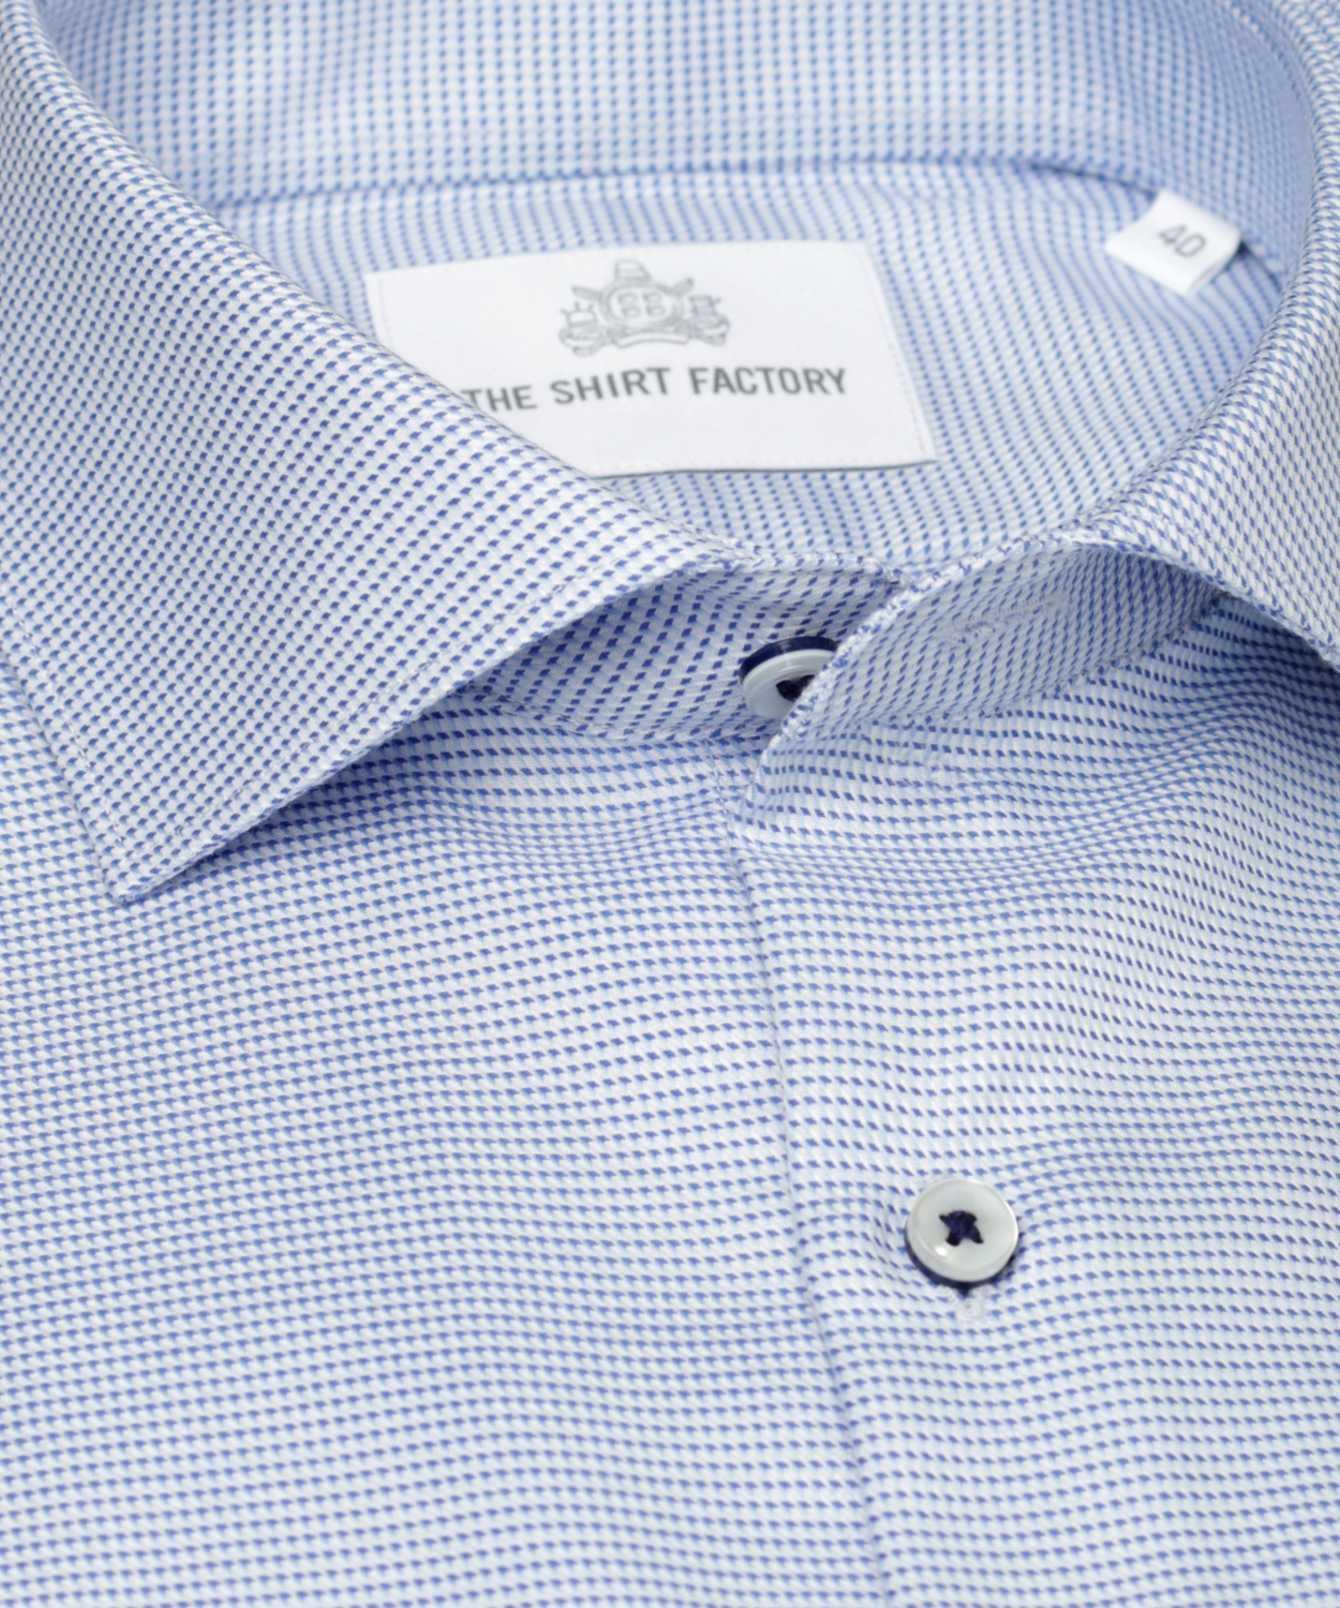 Shirt Belmont The Shirt Factory